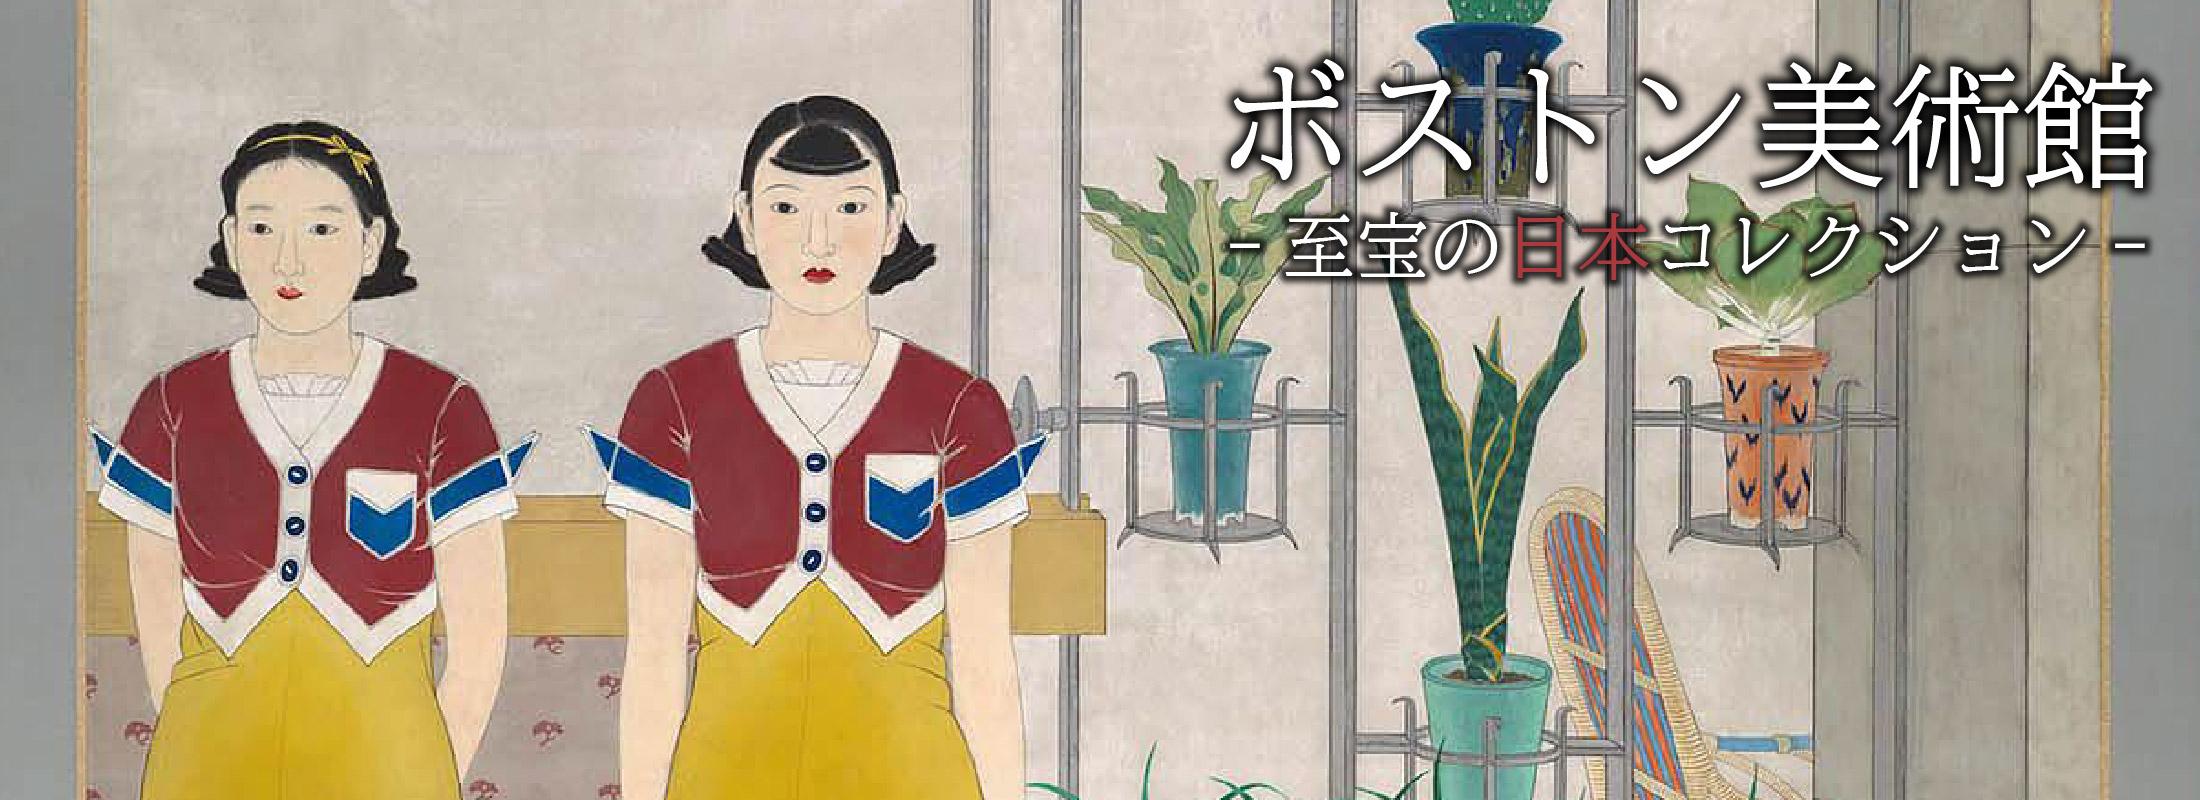 ボストン美術館 至宝の日本コレクション